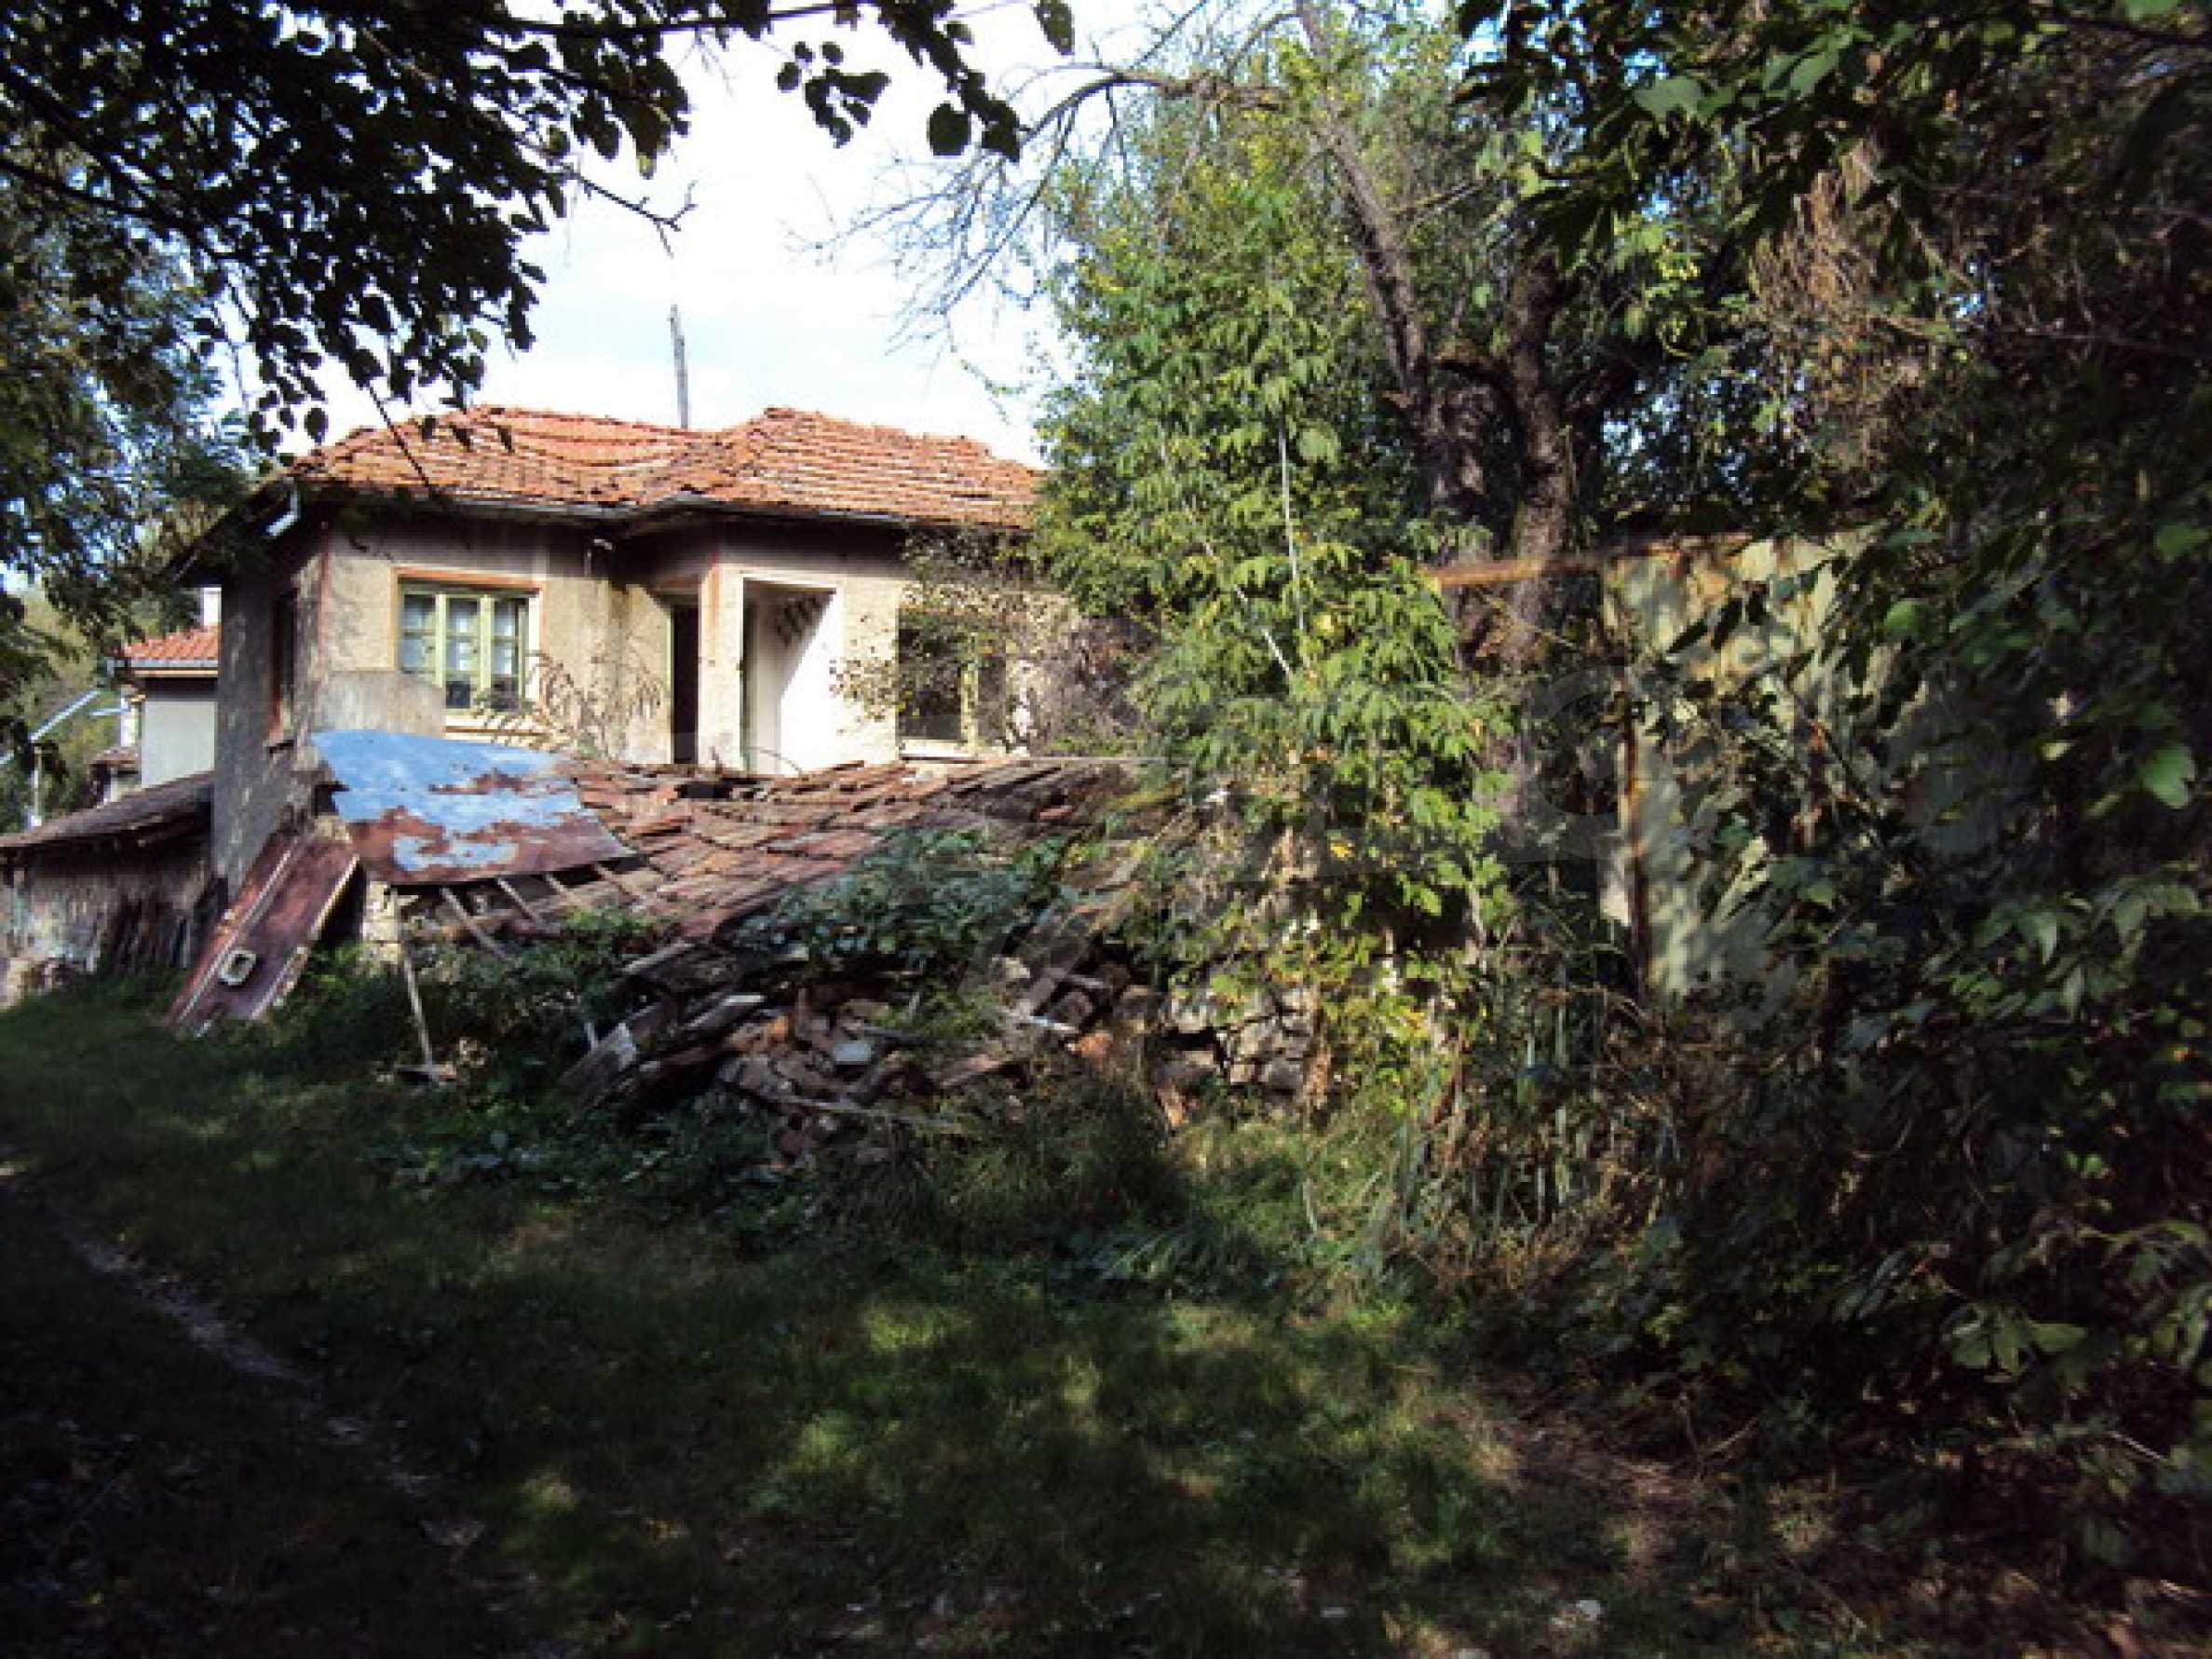 Haus zum Verkauf in der Nähe von Veliko Tarnovo